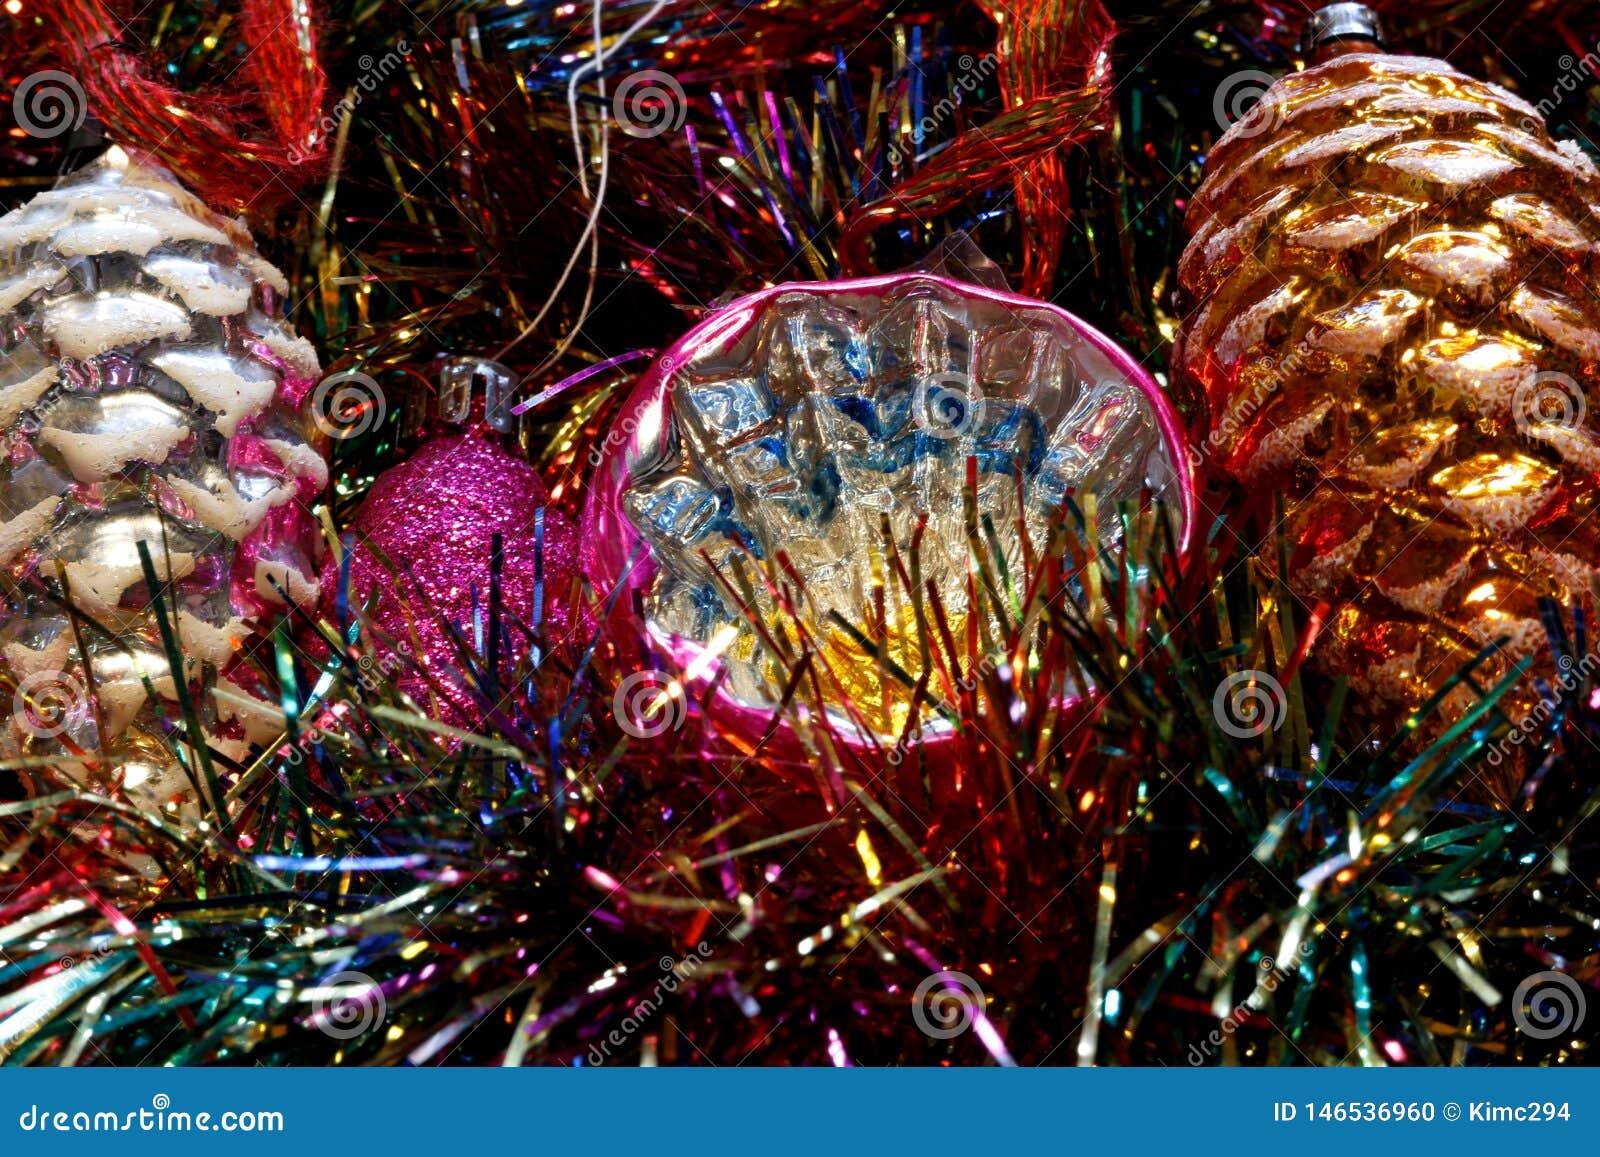 Винтажные украшения рождественской елки на кровати яркого блеска